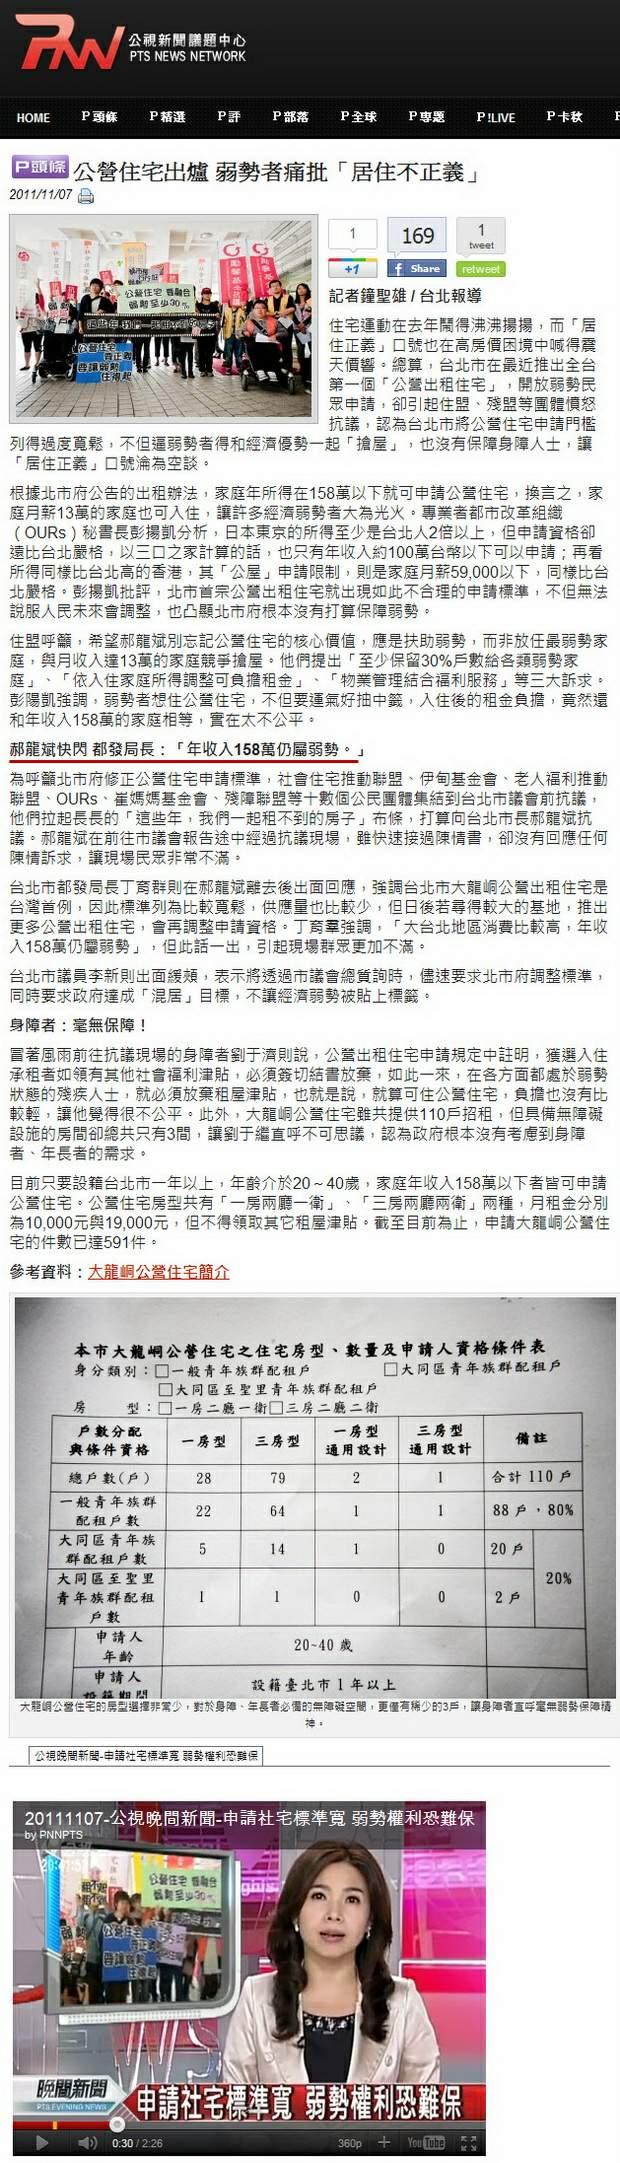 公營住宅出爐 弱勢者痛批「居住不正義」-2011.11.07.jpg